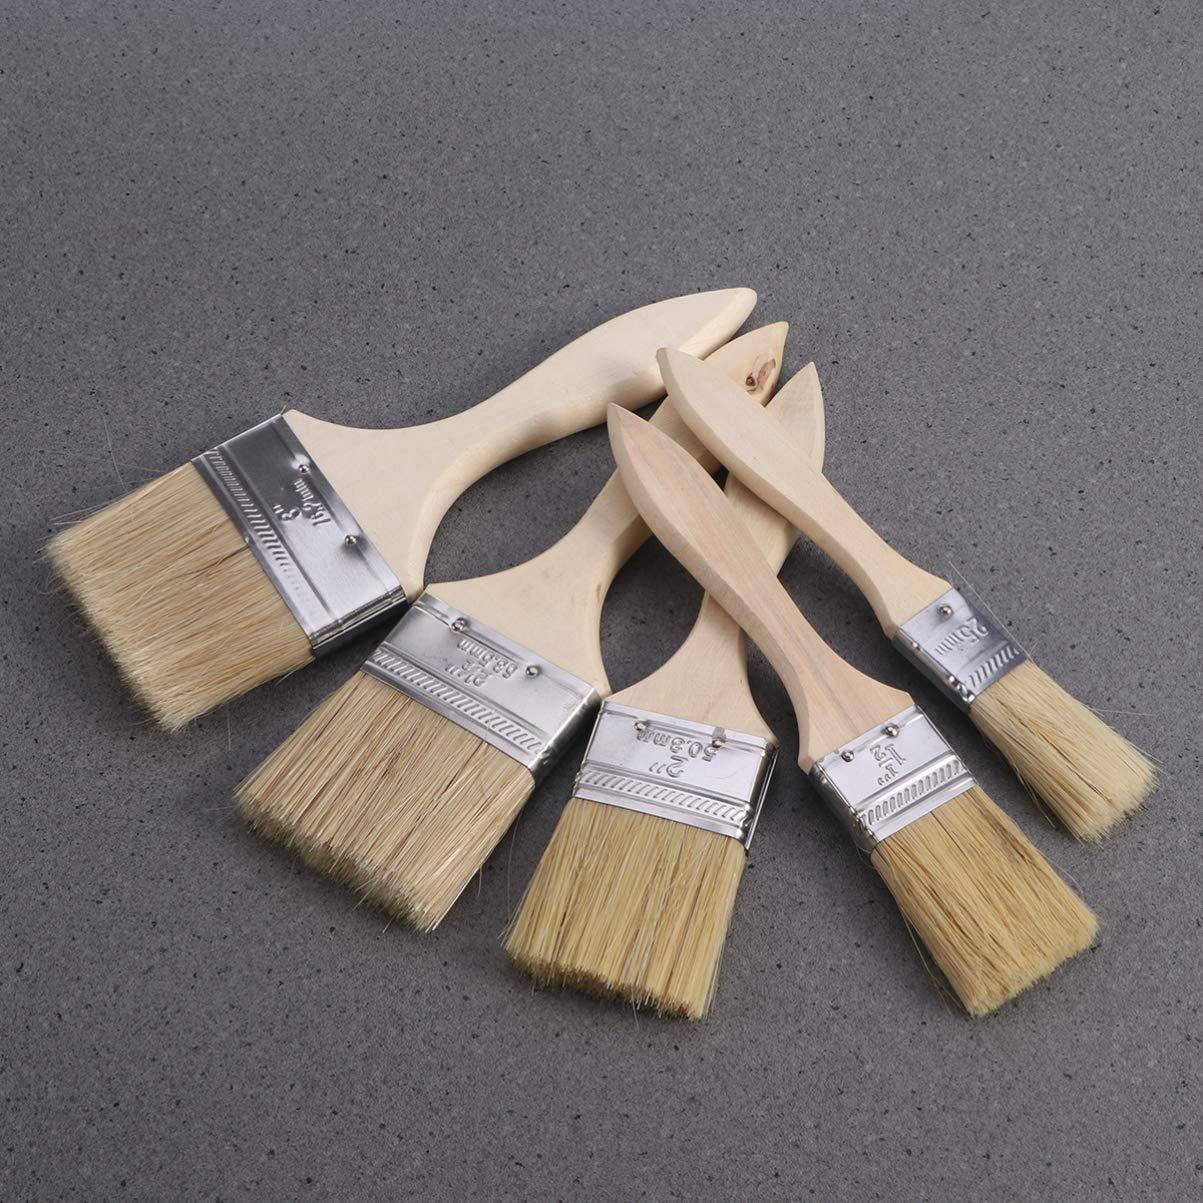 Artibetter Lot de 5 pinceaux muraux avec manche en bois pour peinture de meubles muraux